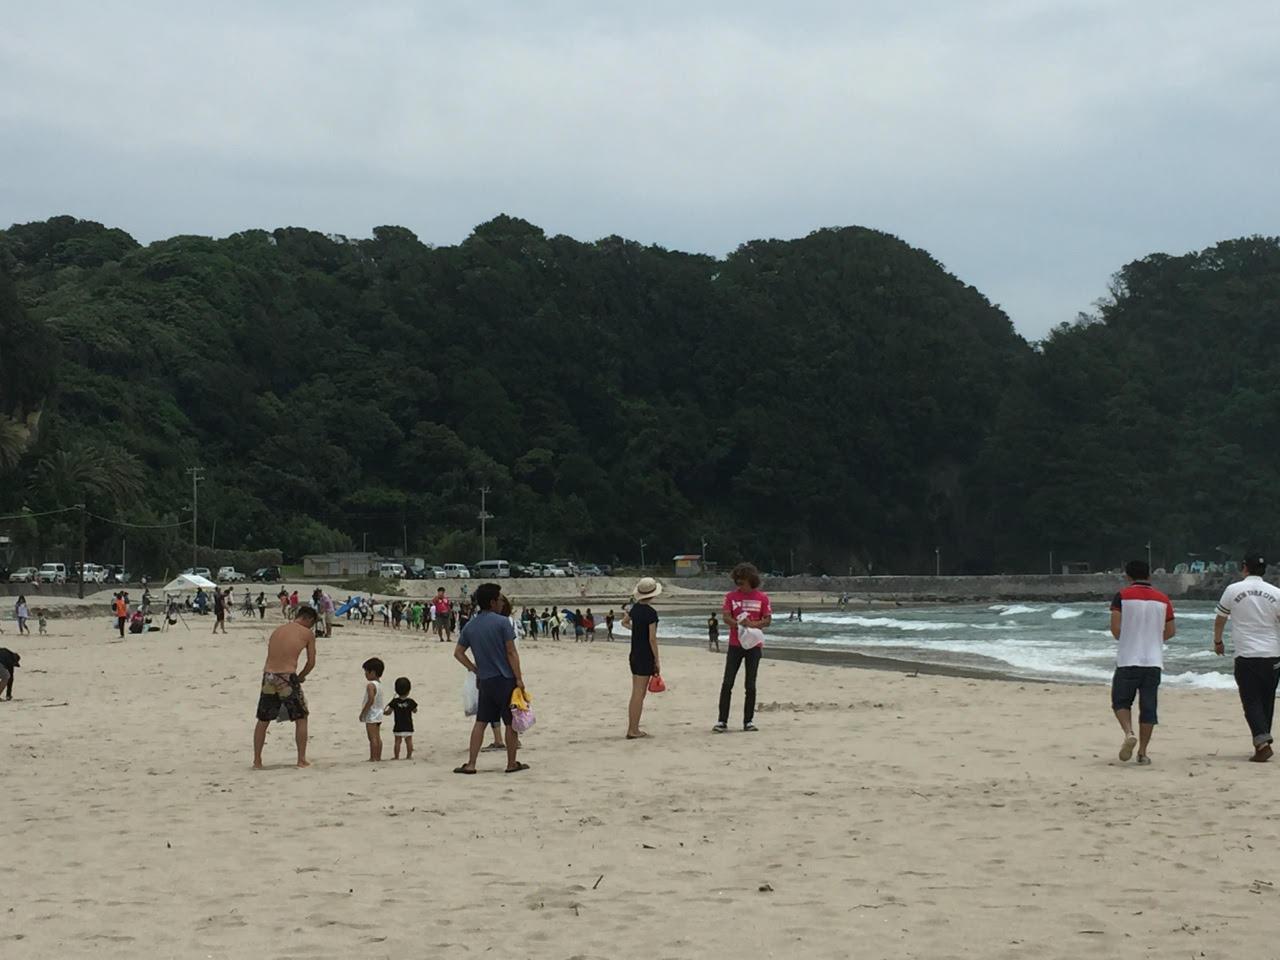 東京五輪候補種目「サーフィン」のプロツアーが伊豆下田にて開催!